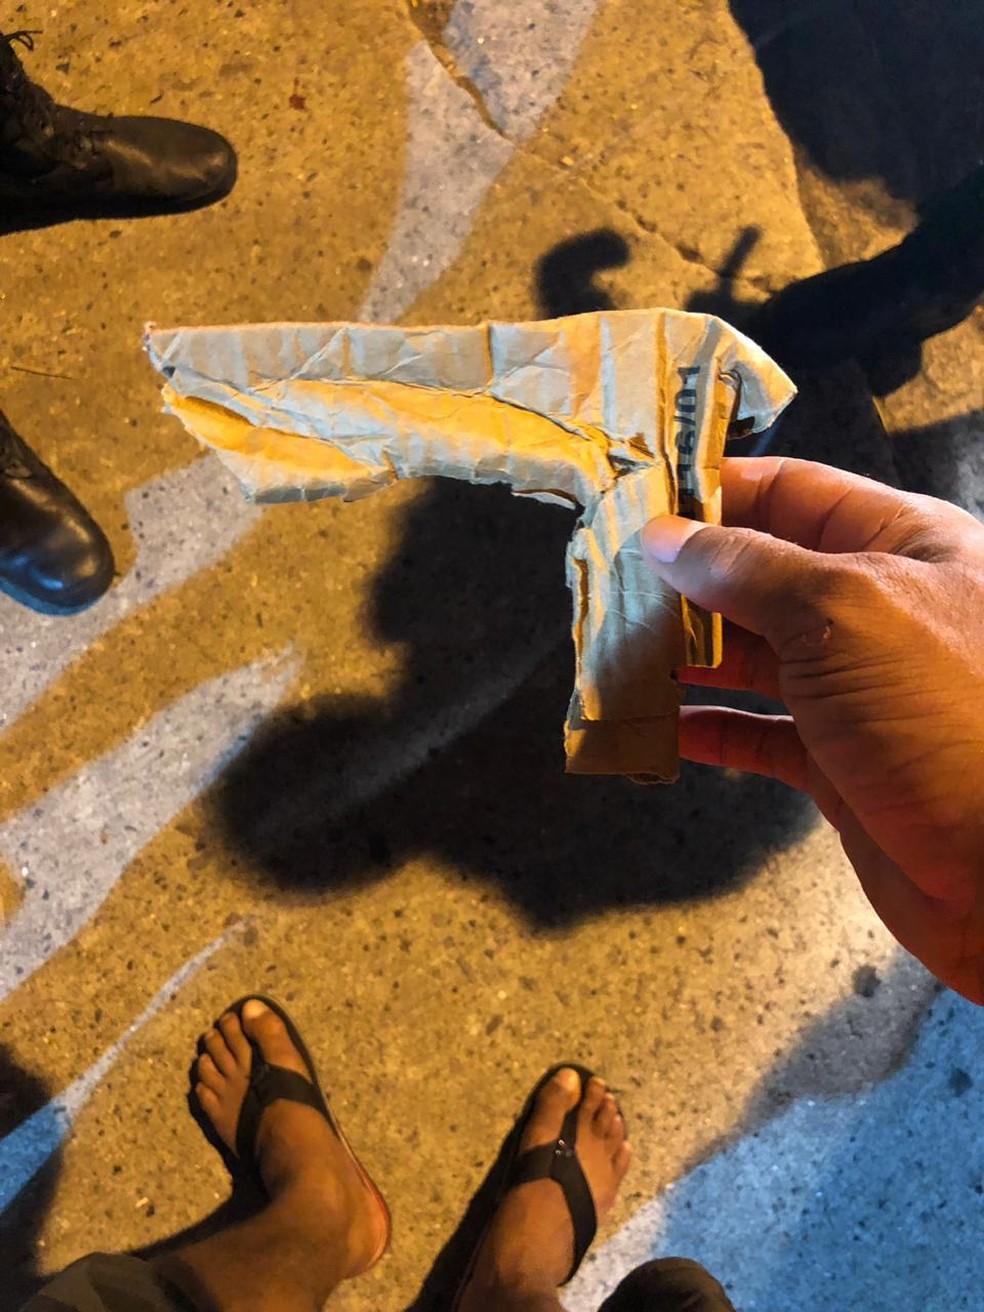 Simulacro de arma usada pelo assaltante na abordagem a Polyana Viana — Foto: Arquivo pessoal